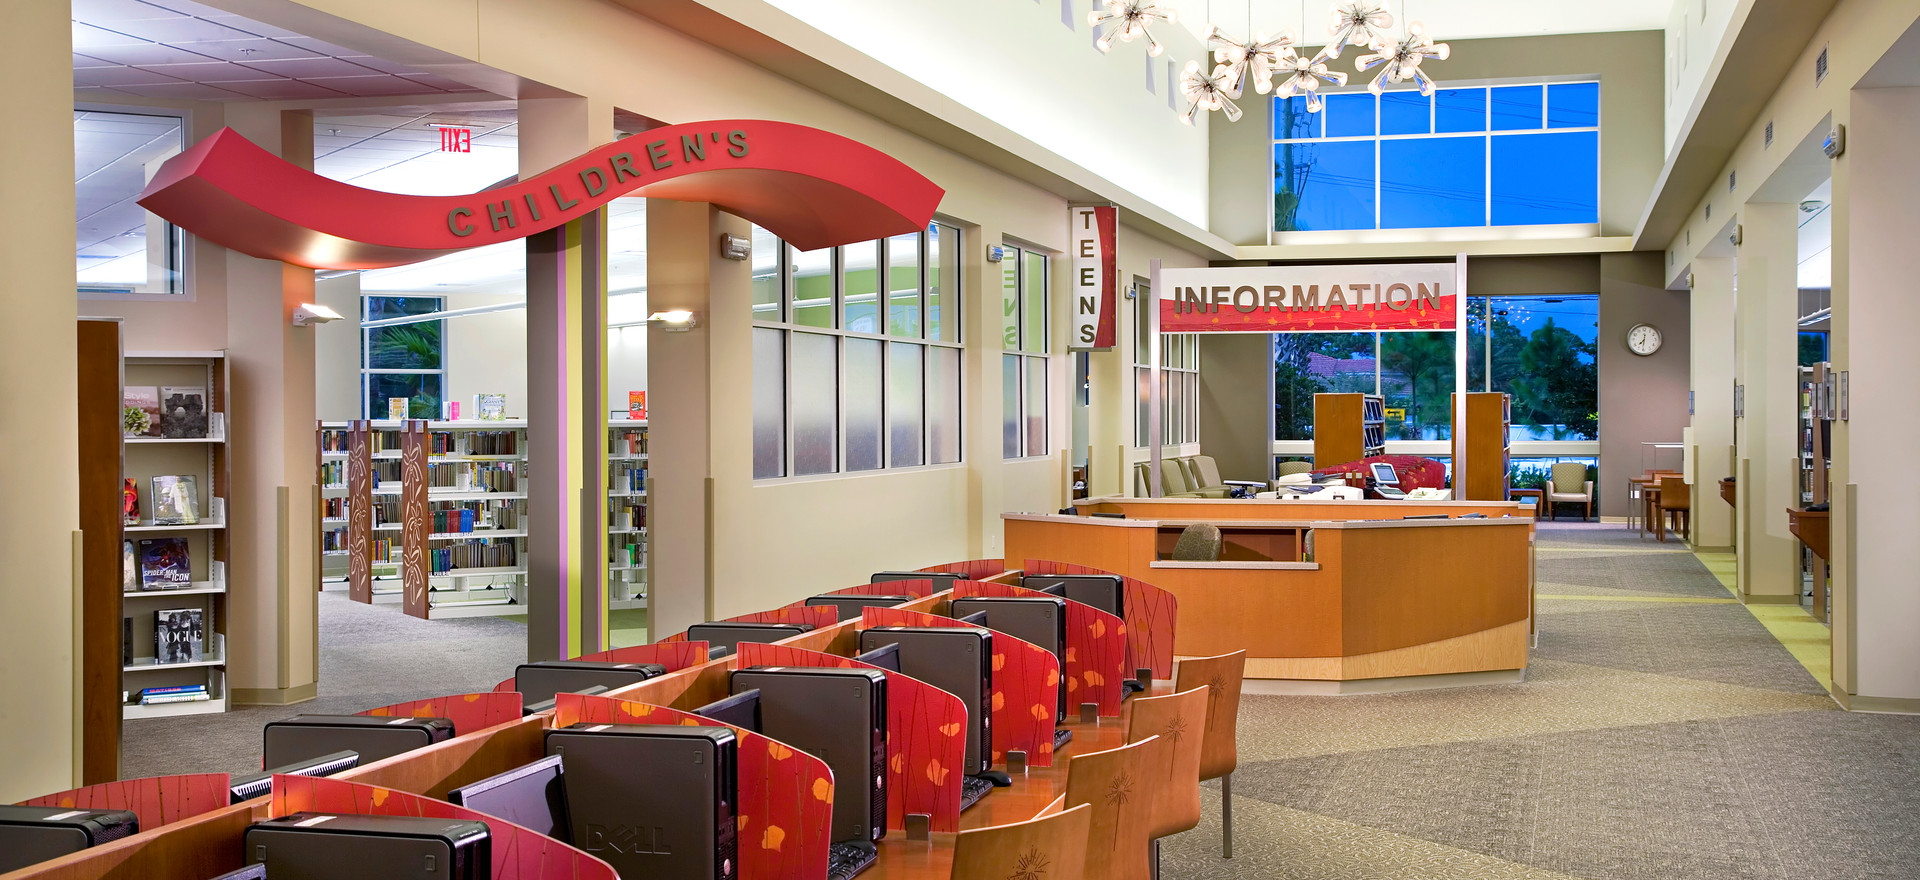 Lantana Public Library